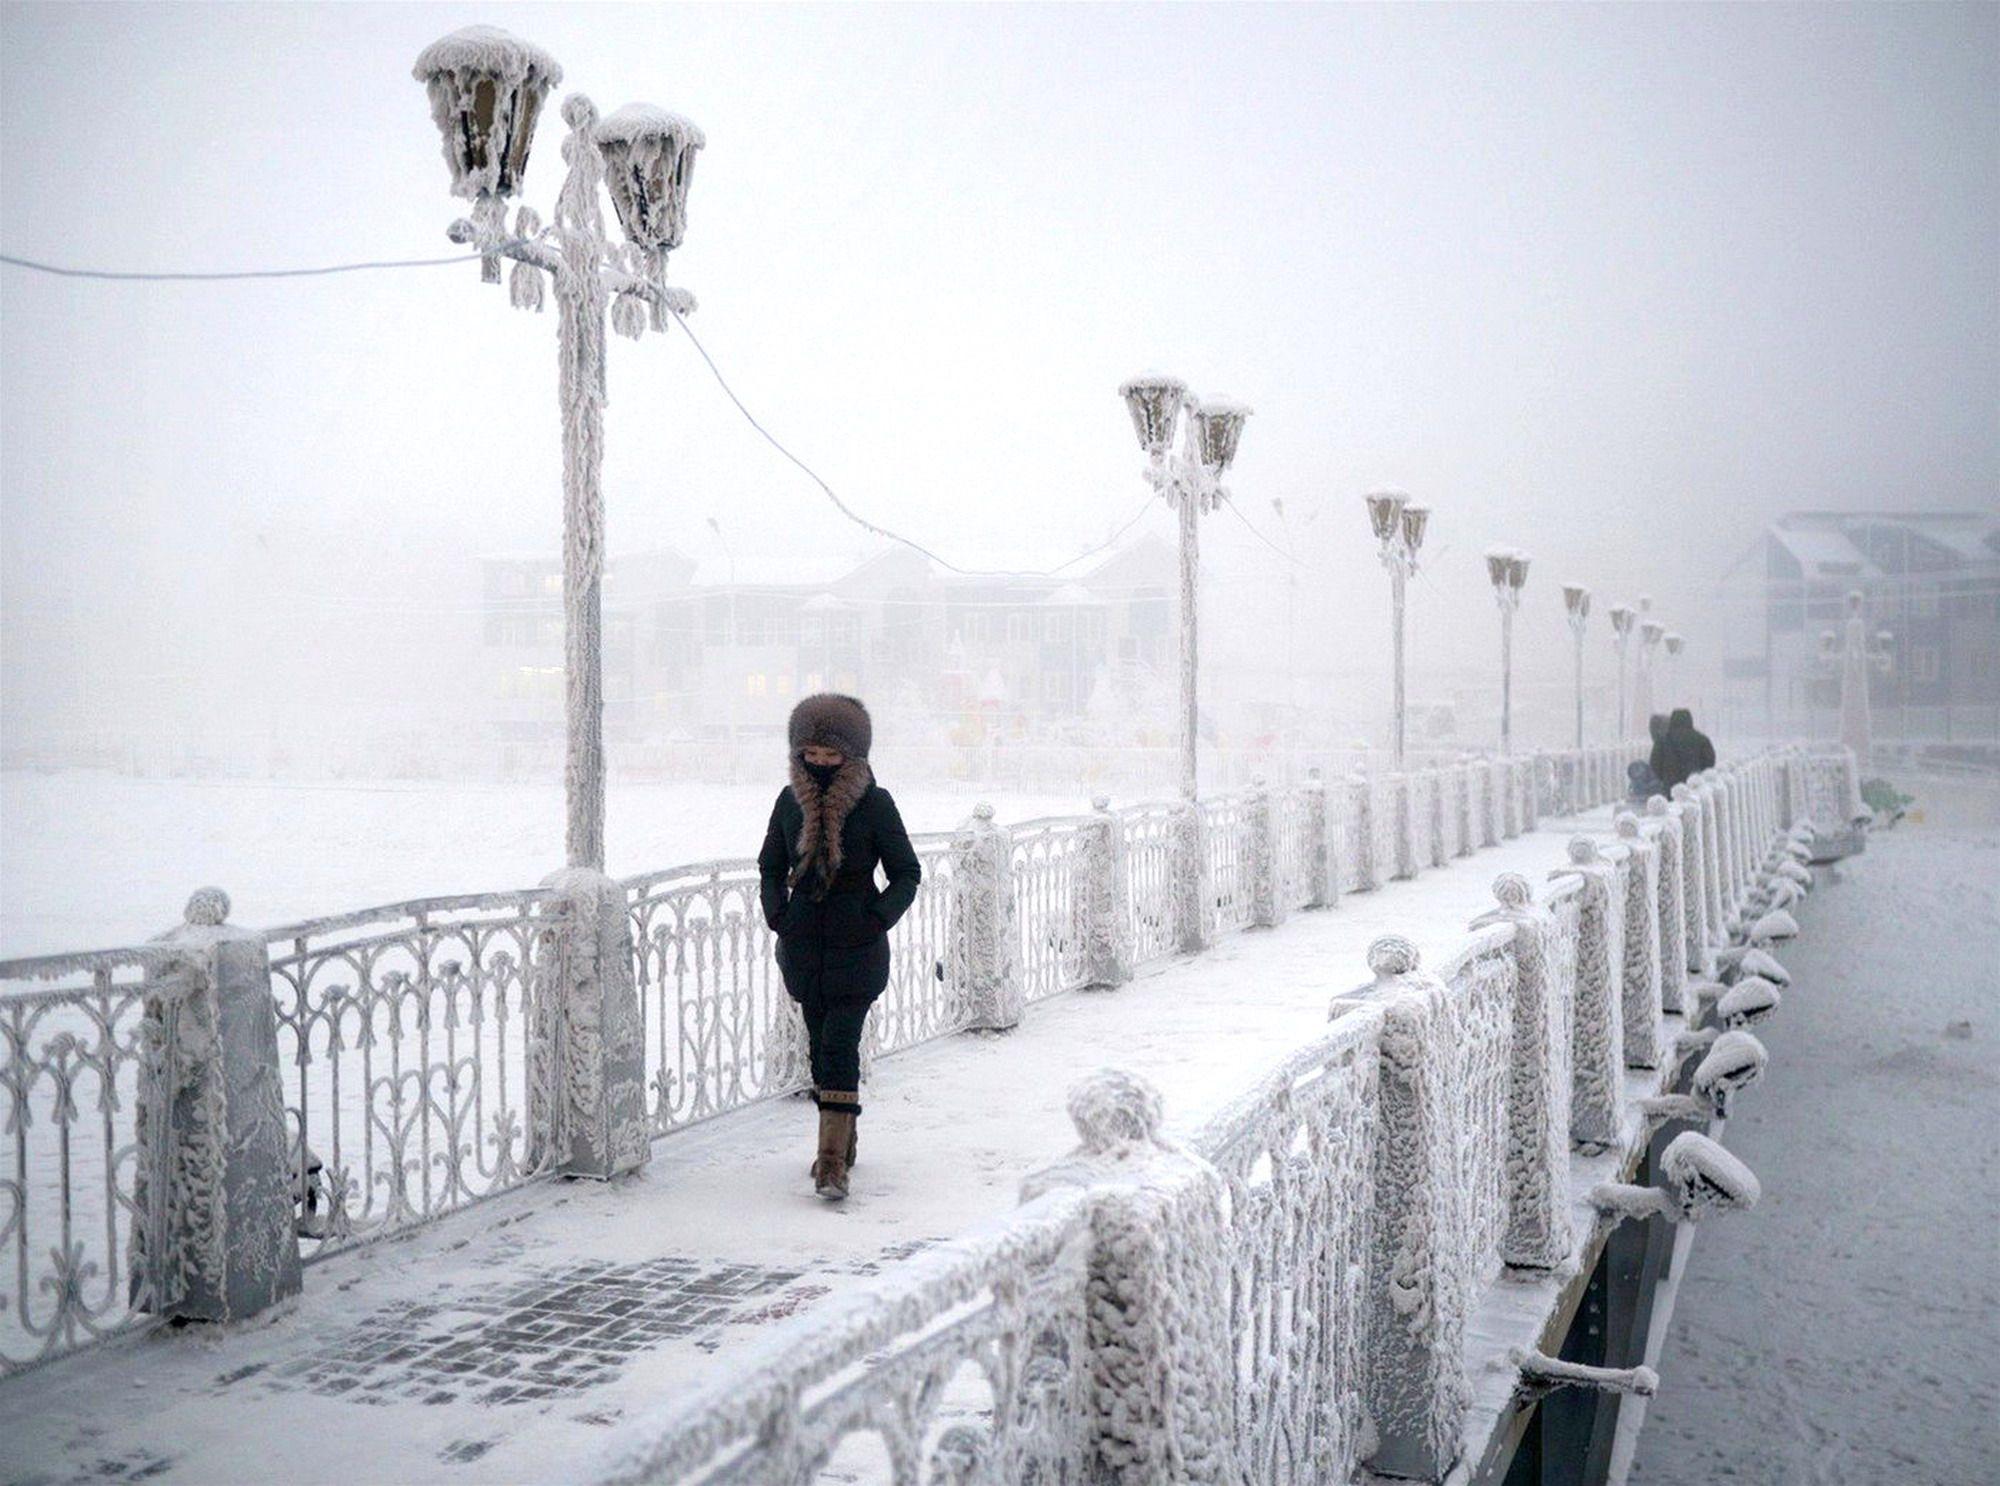 È IN RUSSIA IL VILLAGGIO PIU FREDDO AL MONDO ... quasi 70 sotto zero !!!